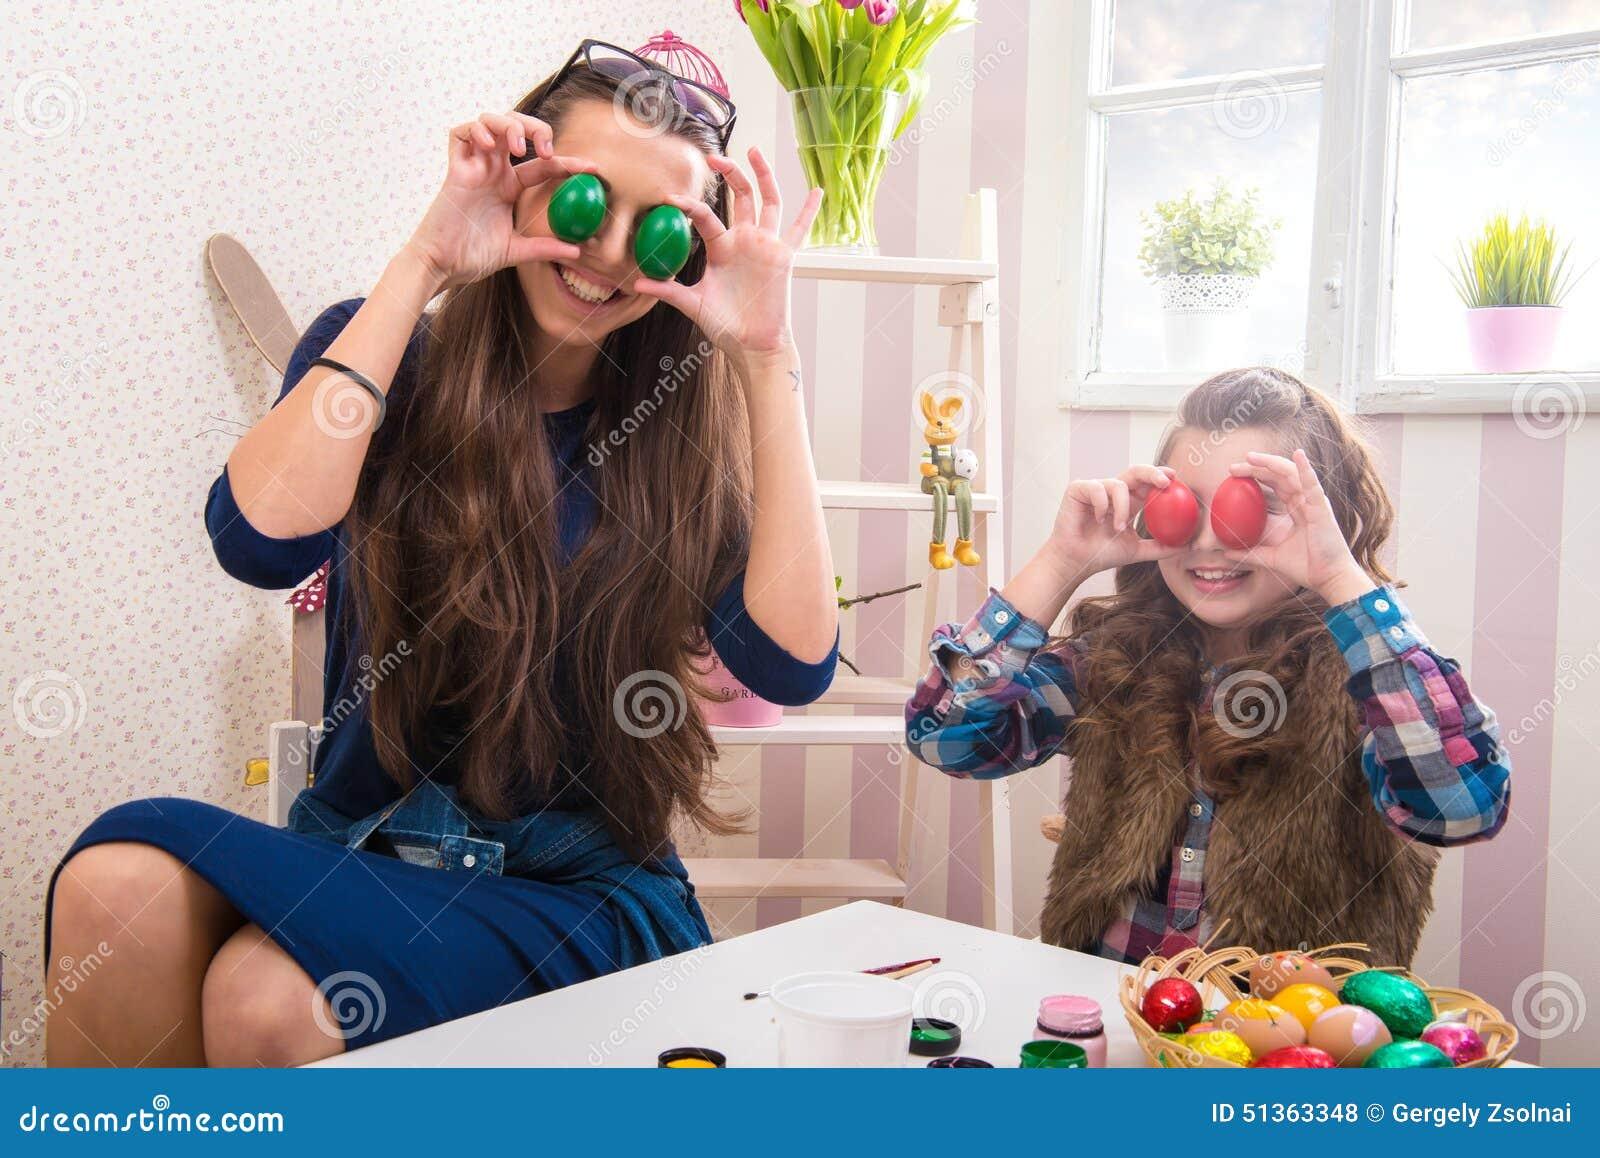 Wielkanoc - matki i córki śmieszni oczy niż jajka